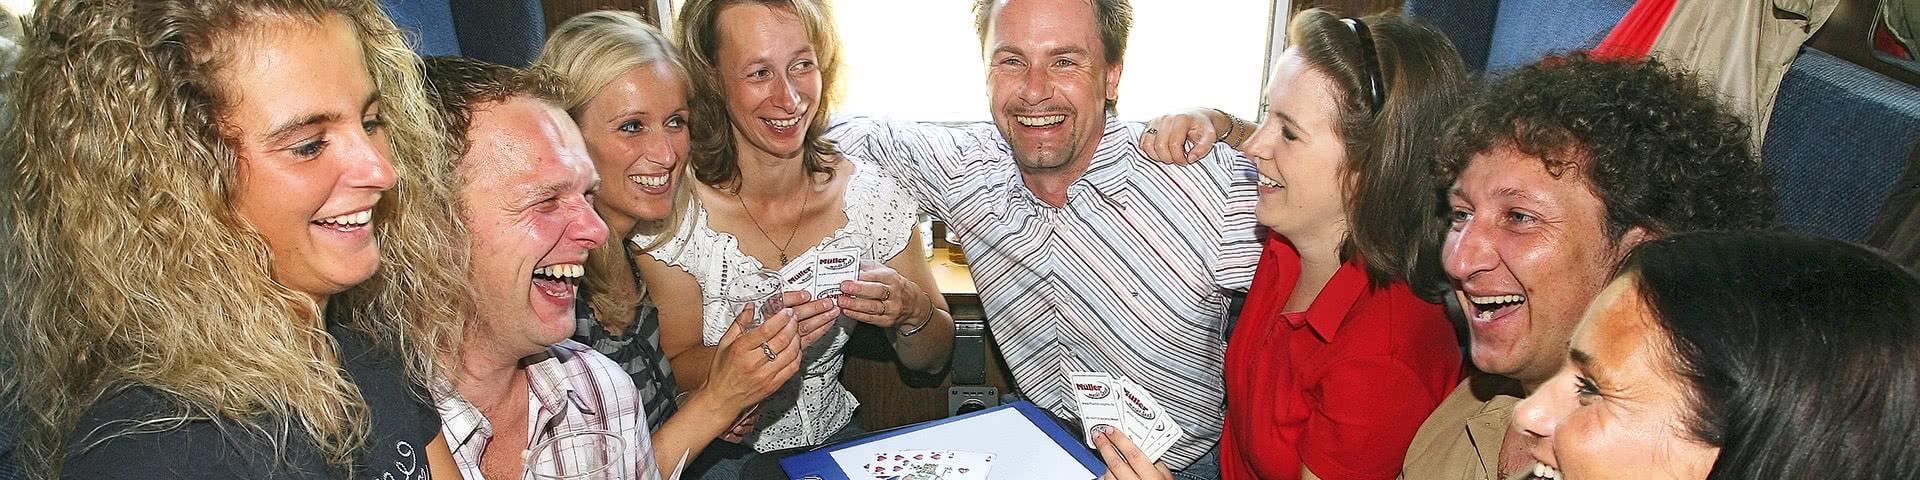 Eine Gruppe von 8 Personen sitzt in einem Sitzabteil des Tanzzuges und spielt Karten